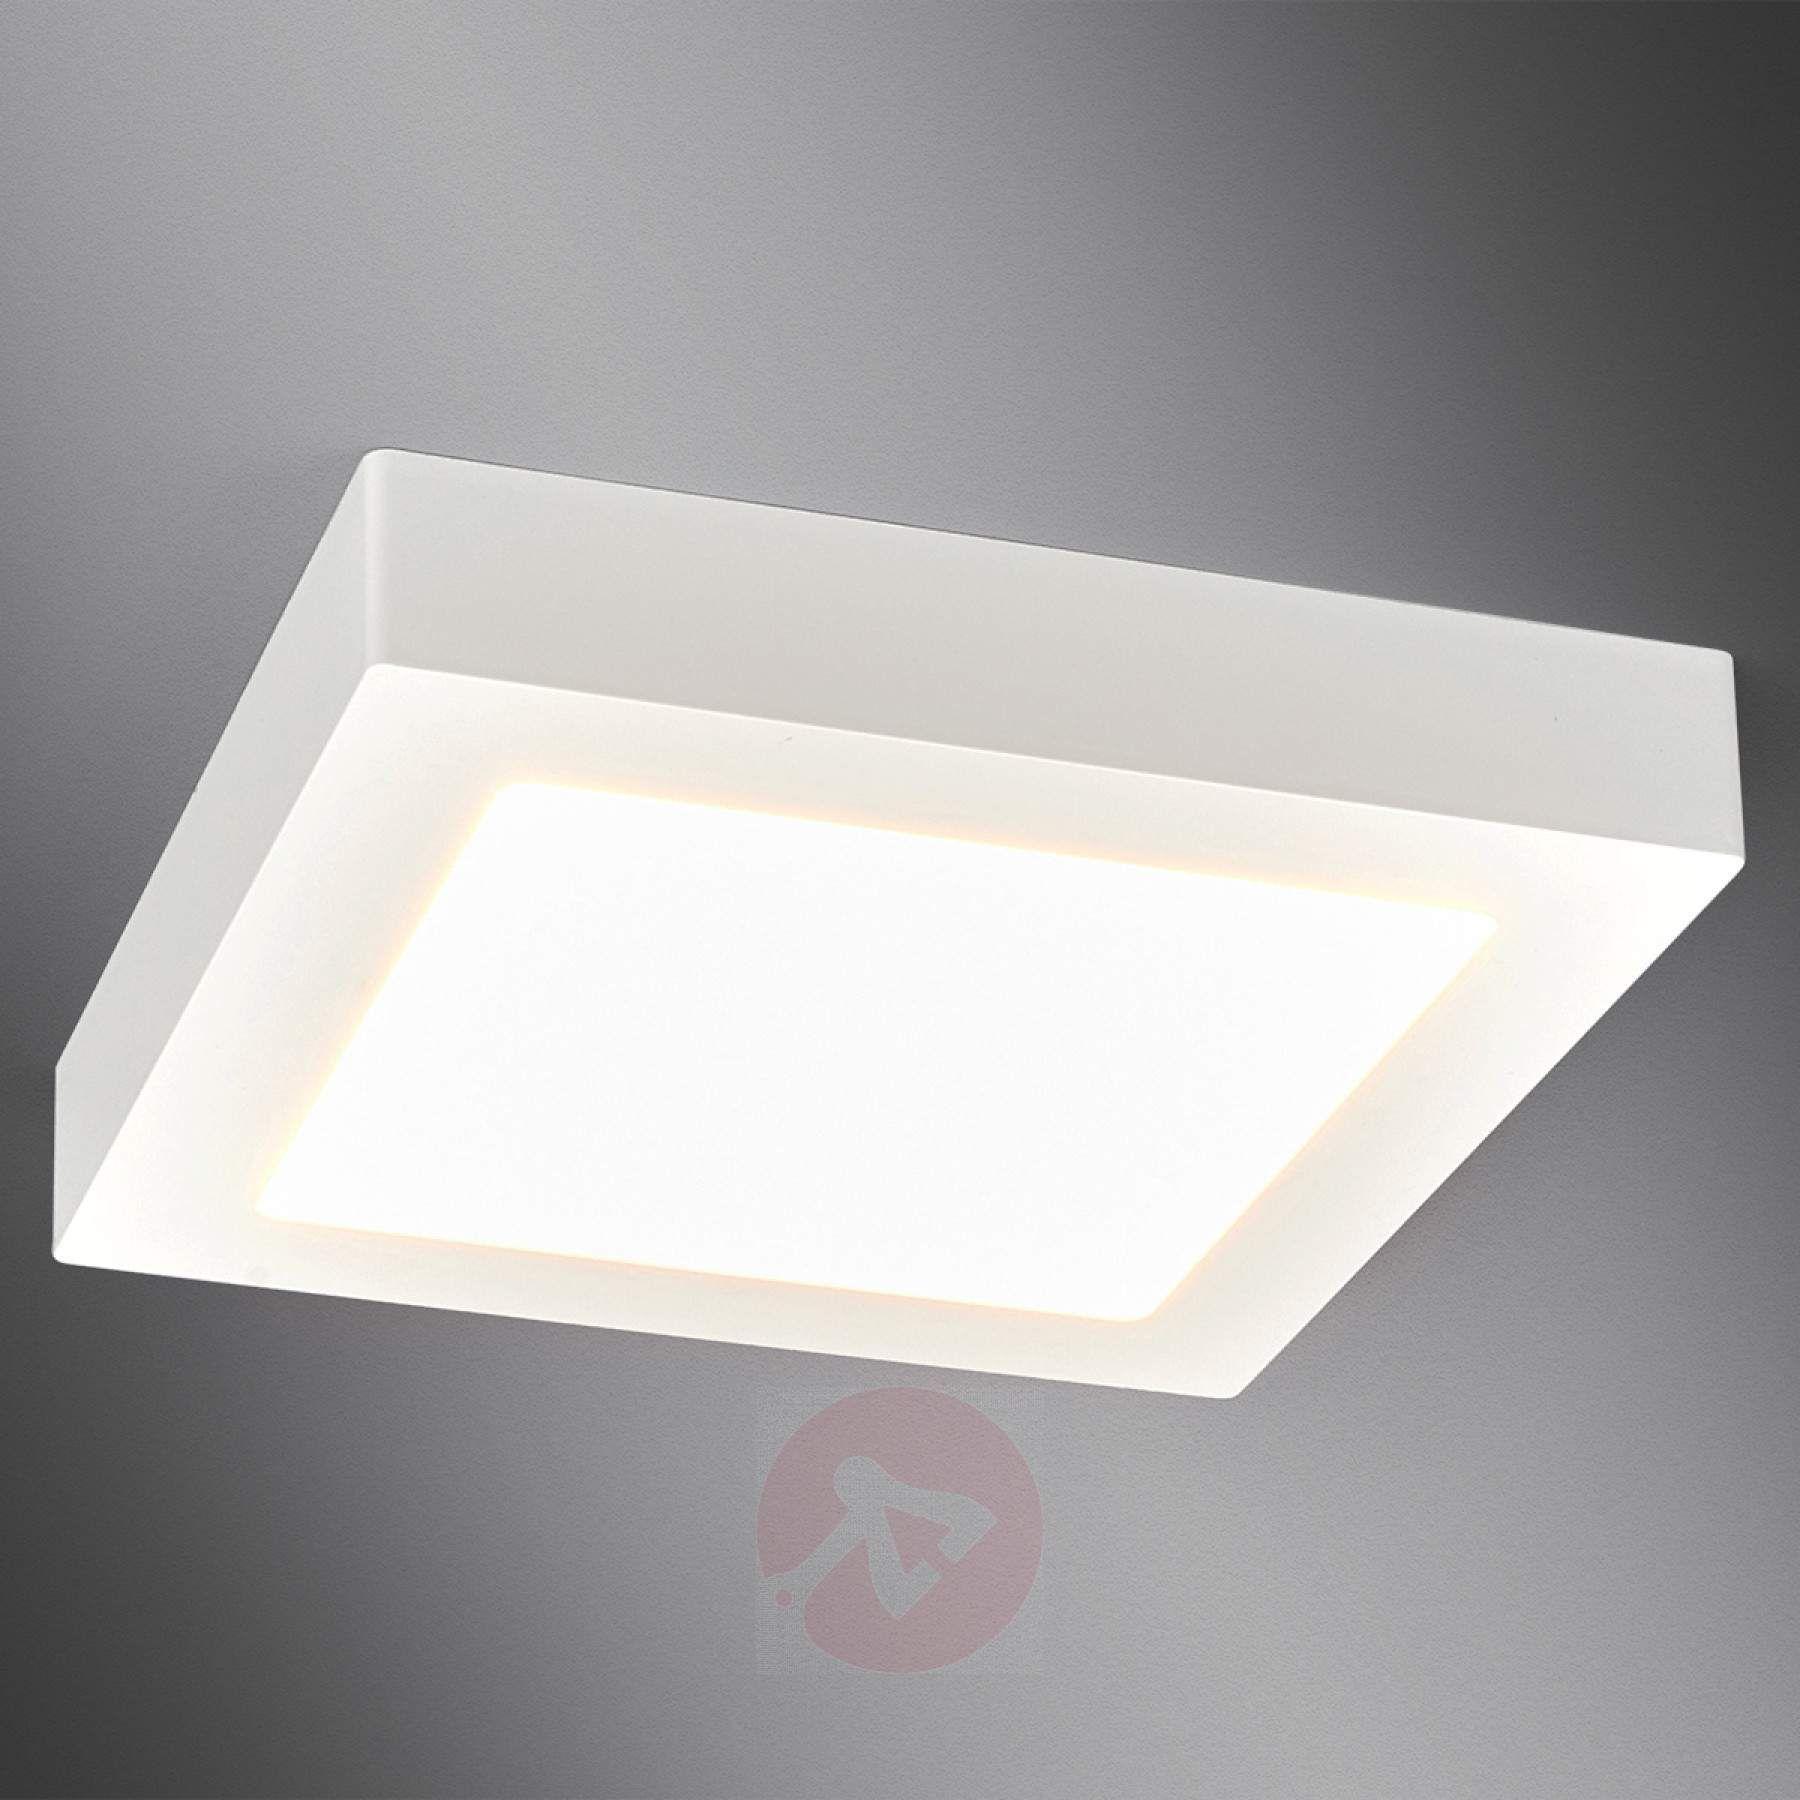 White Square Led Bathroom Ceiling Light Rayan 9978024 011 Badezimmer Led Badezimmer Deckenleuchte Led Deckenleuchte Bad